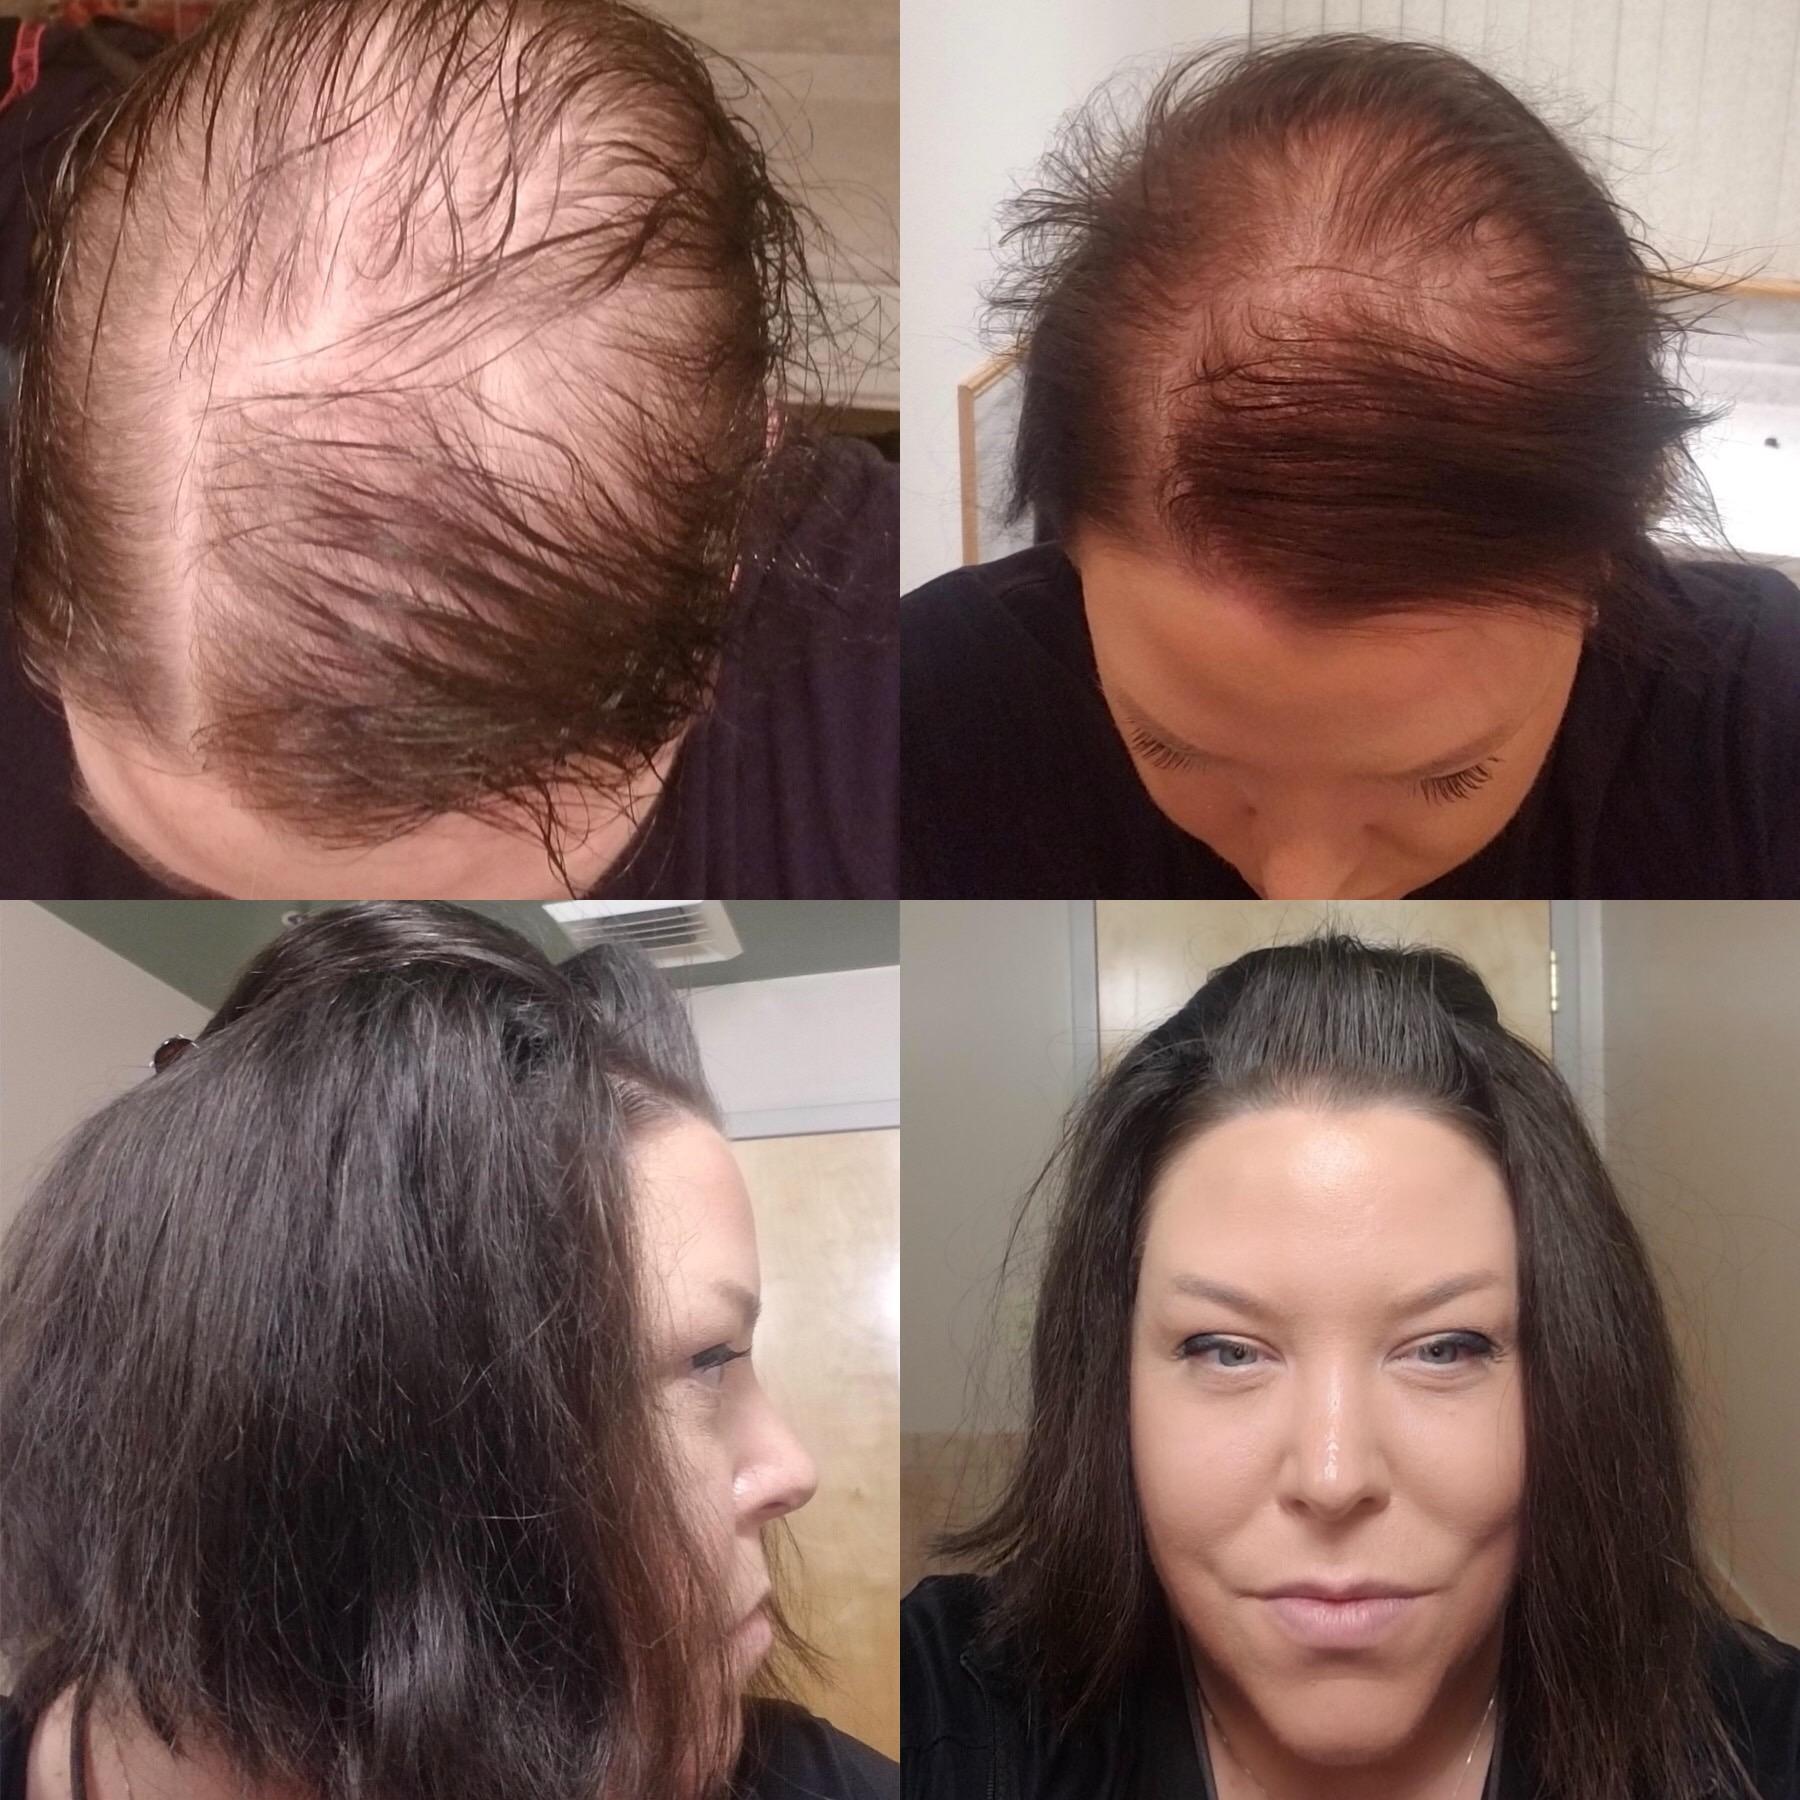 hair loss thin thinning hair women hairpiece